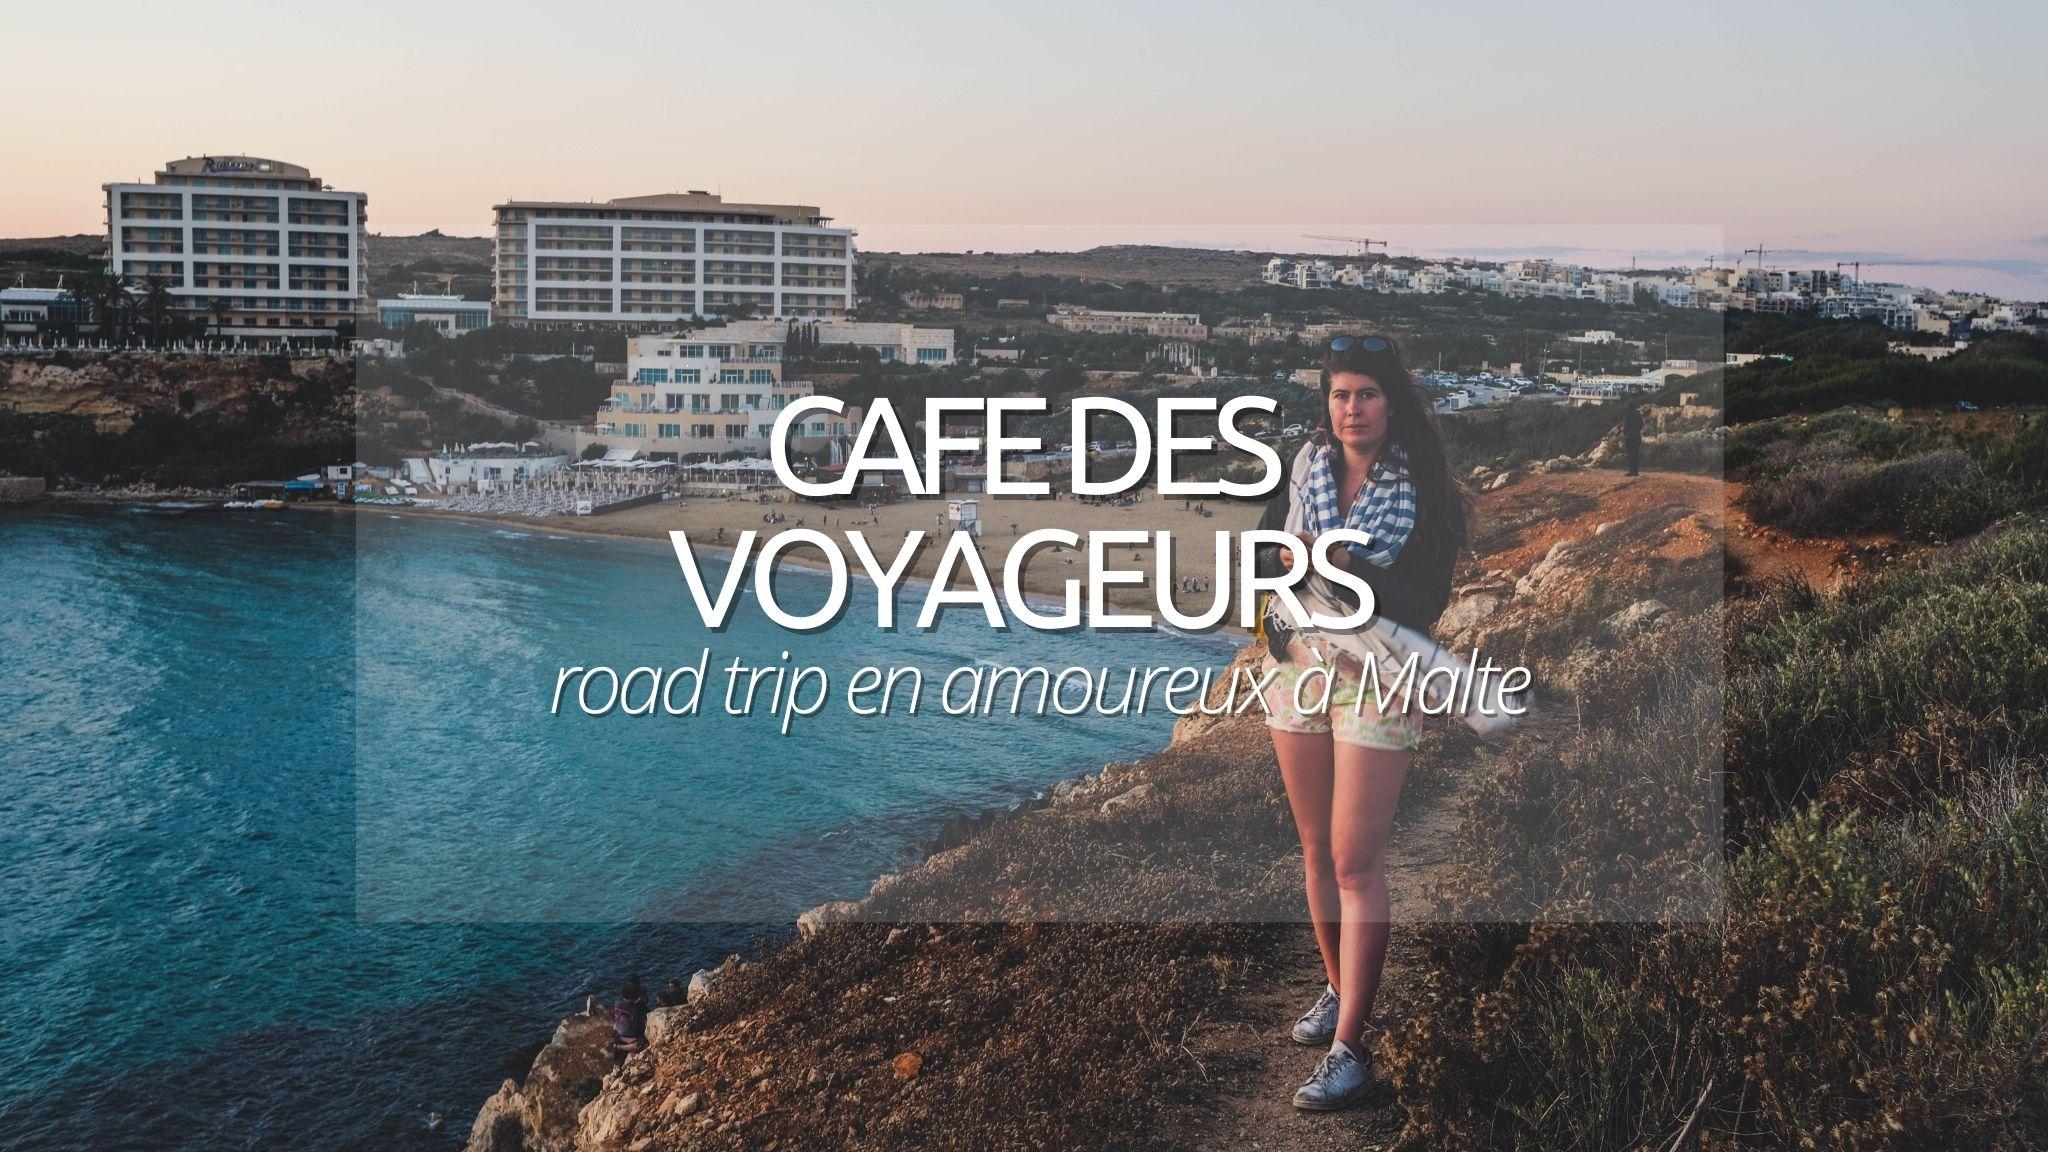 Notre road-trip en amoureux à Malte pour le Café des Voyageurs